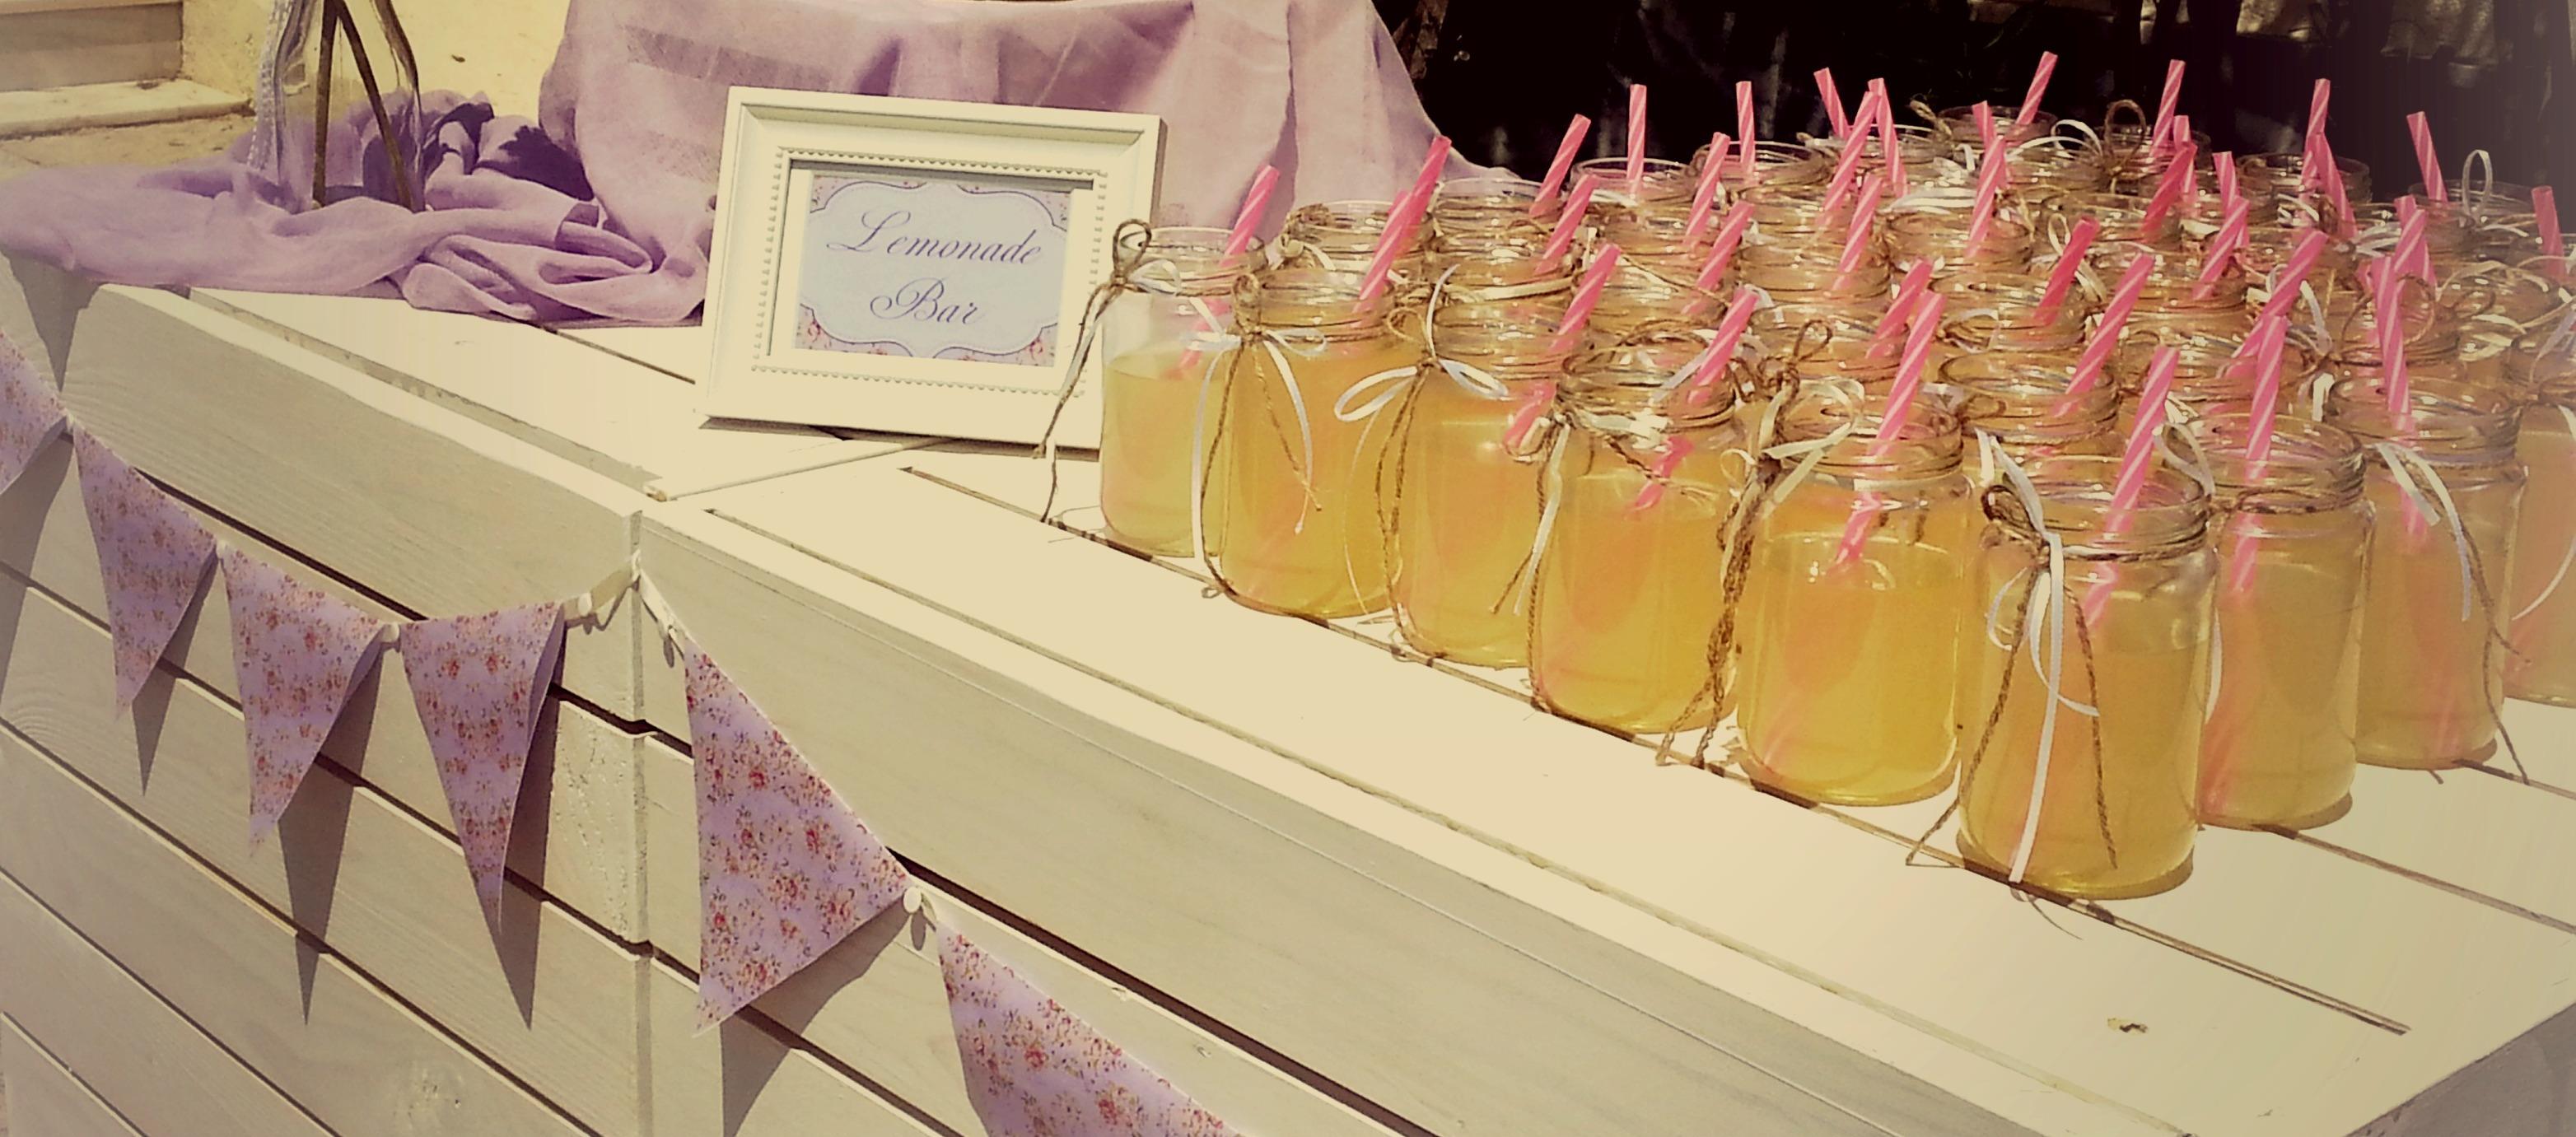 Lemonada-gia-vaptis-magiko-filtroi